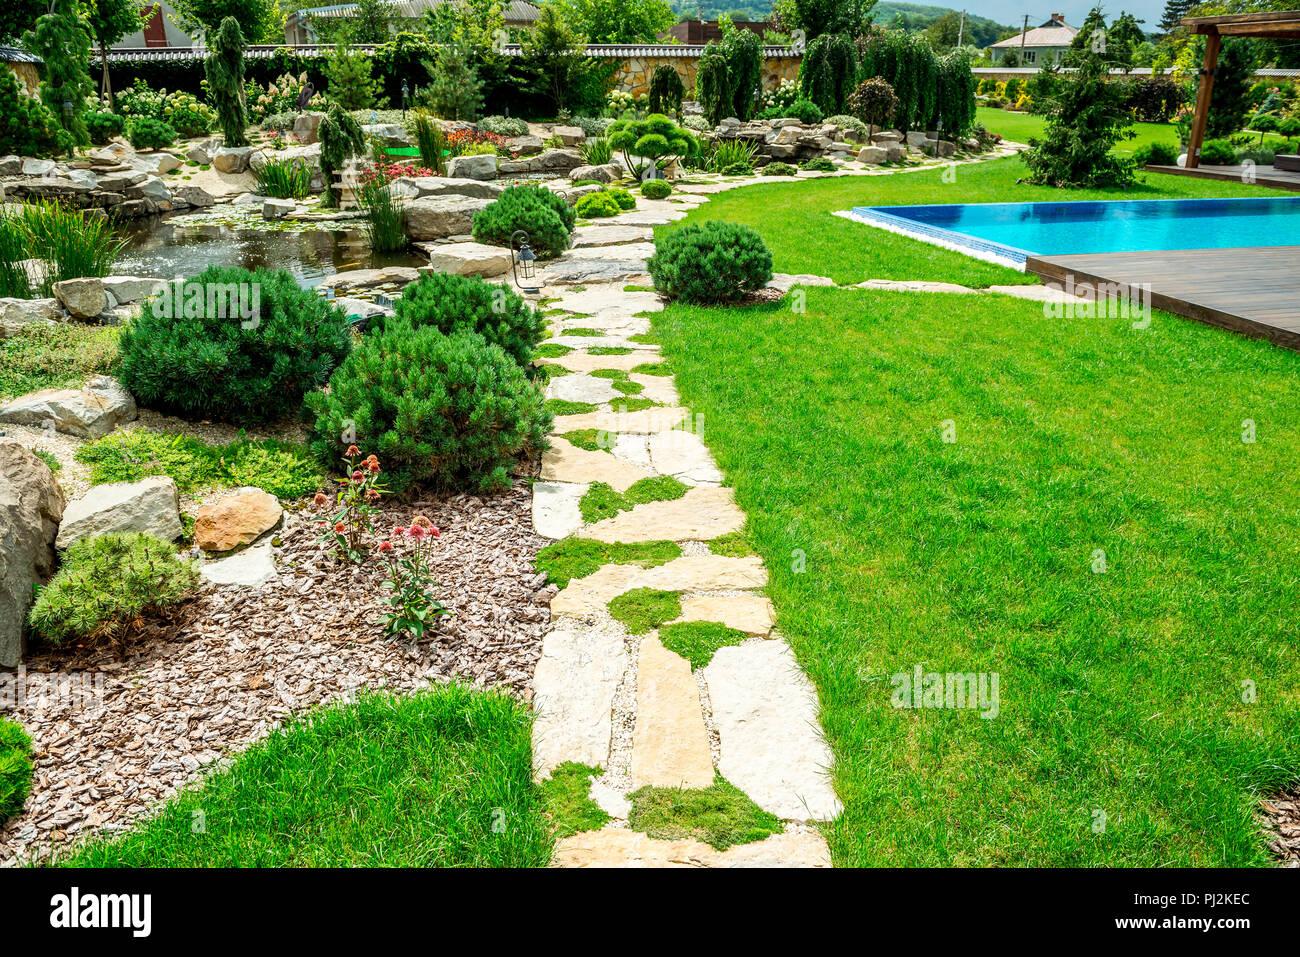 Ein Landhaus mit einem wunderschönen Garten hinter dem Haus, Landschaft design Stockbild